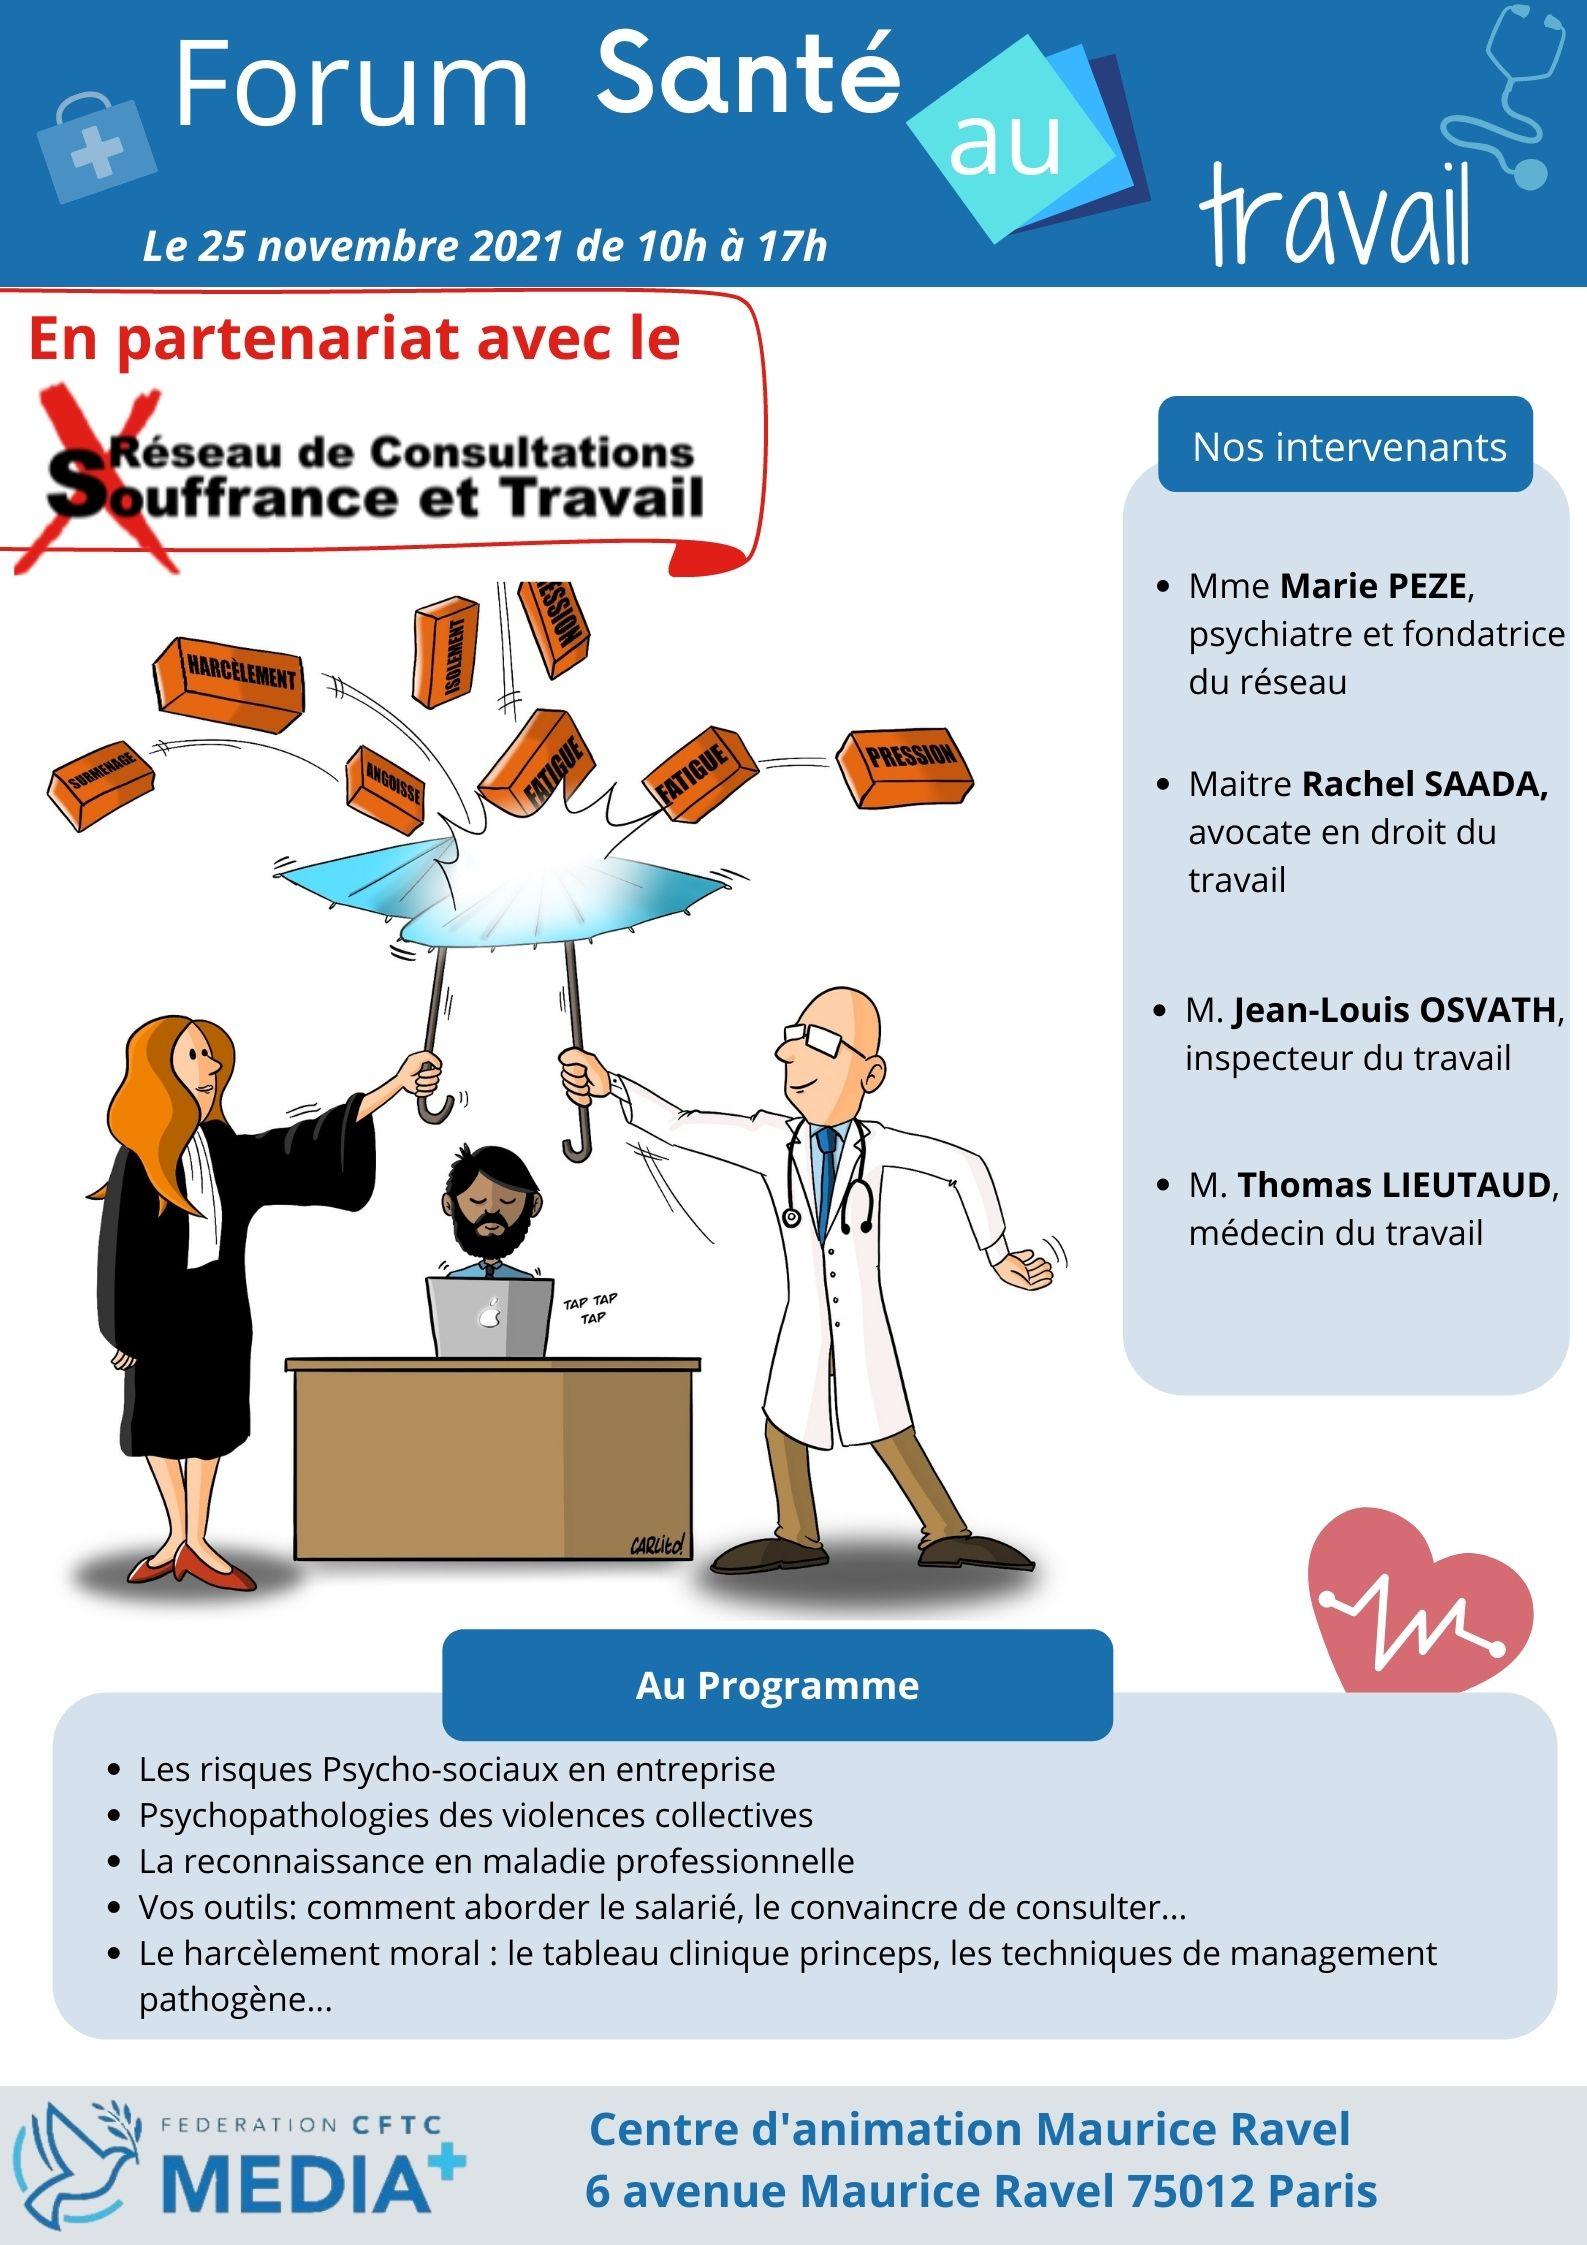 Forum Santé au Travail